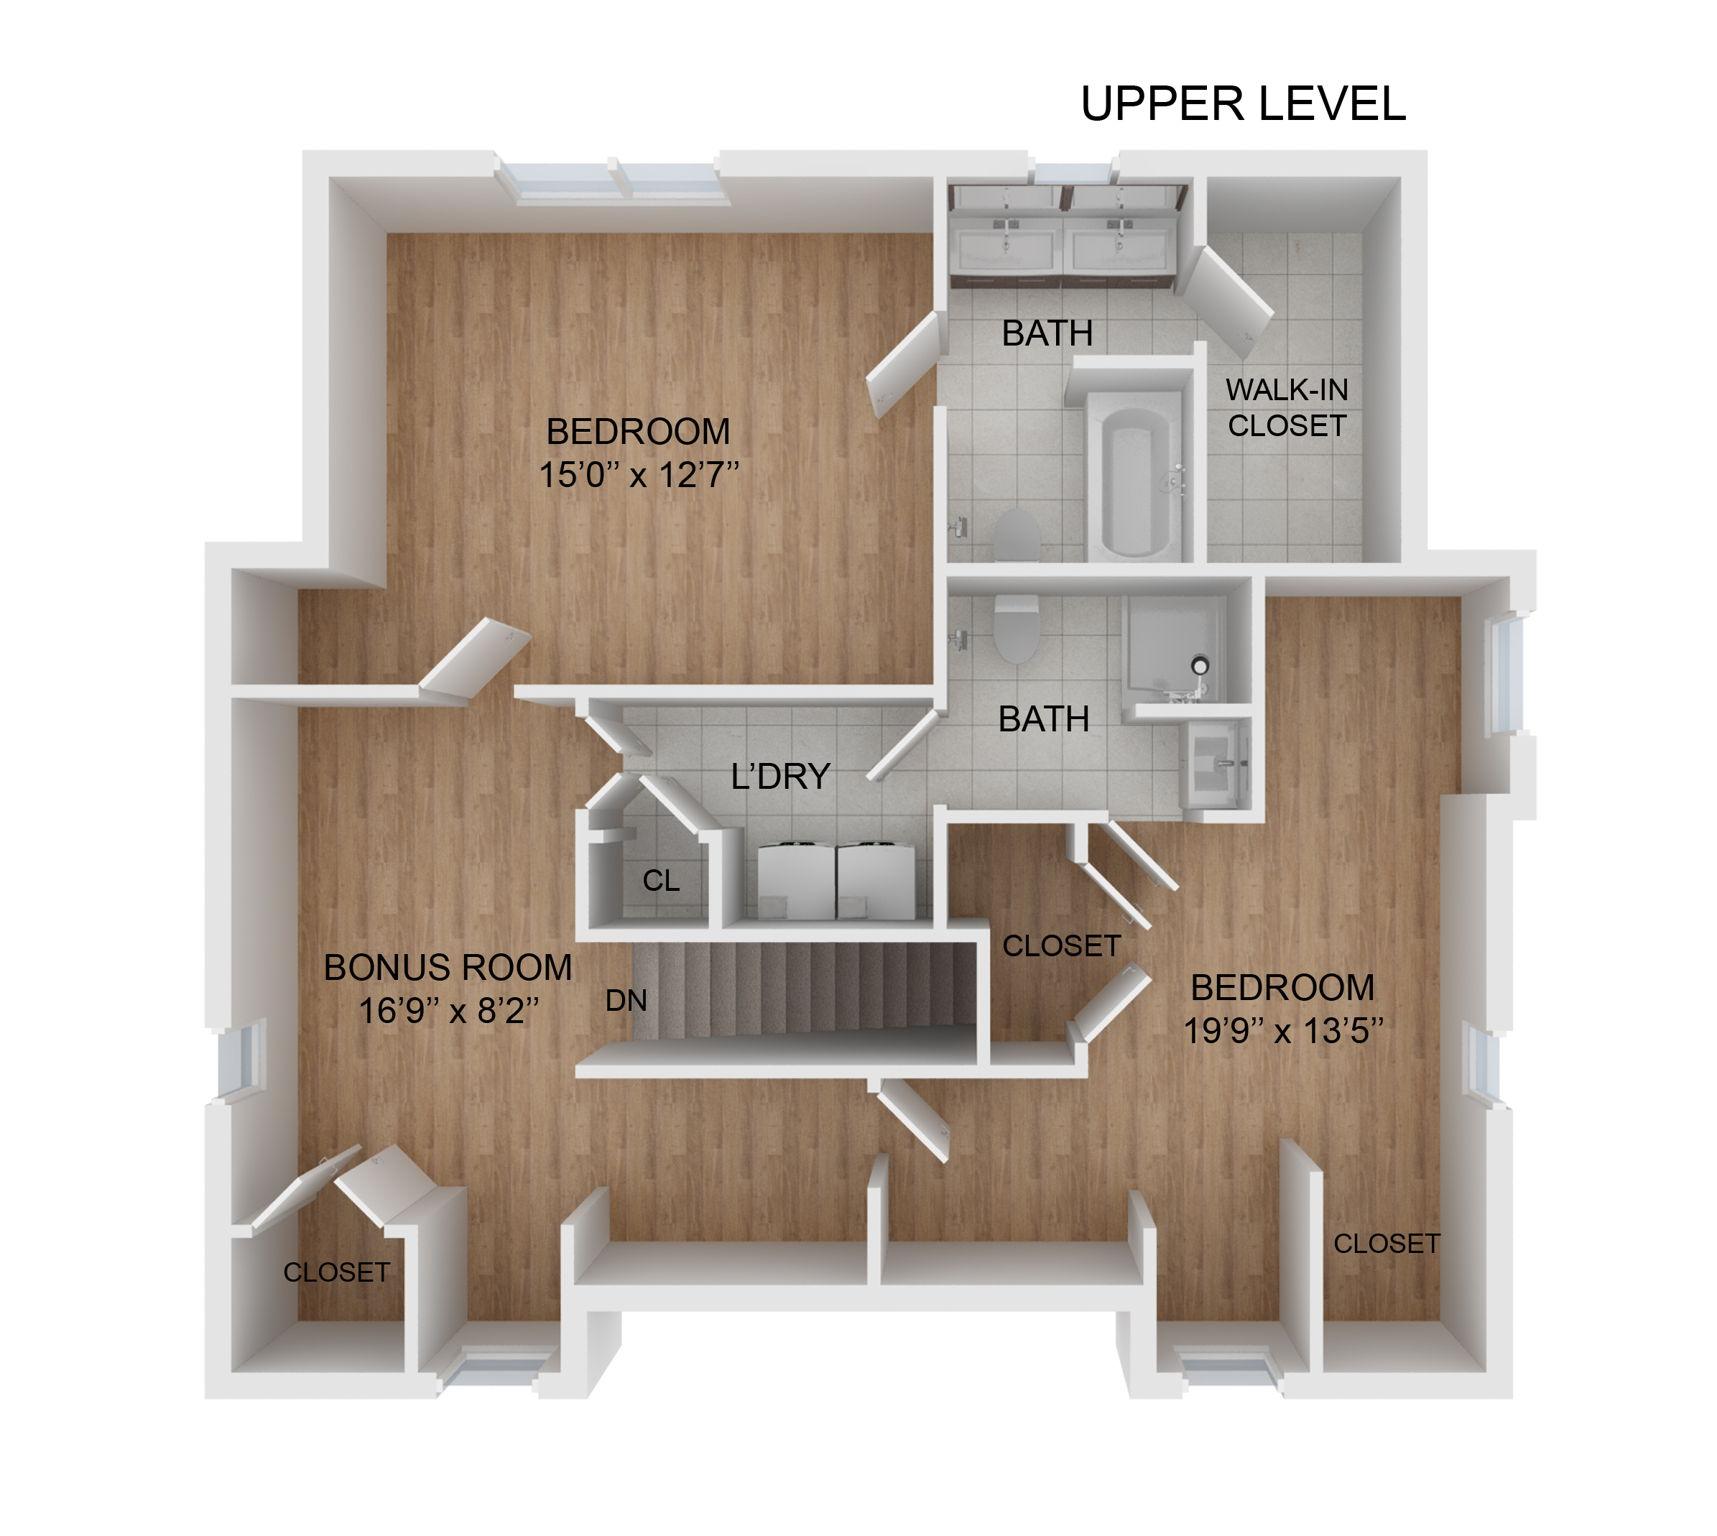 Upper Level